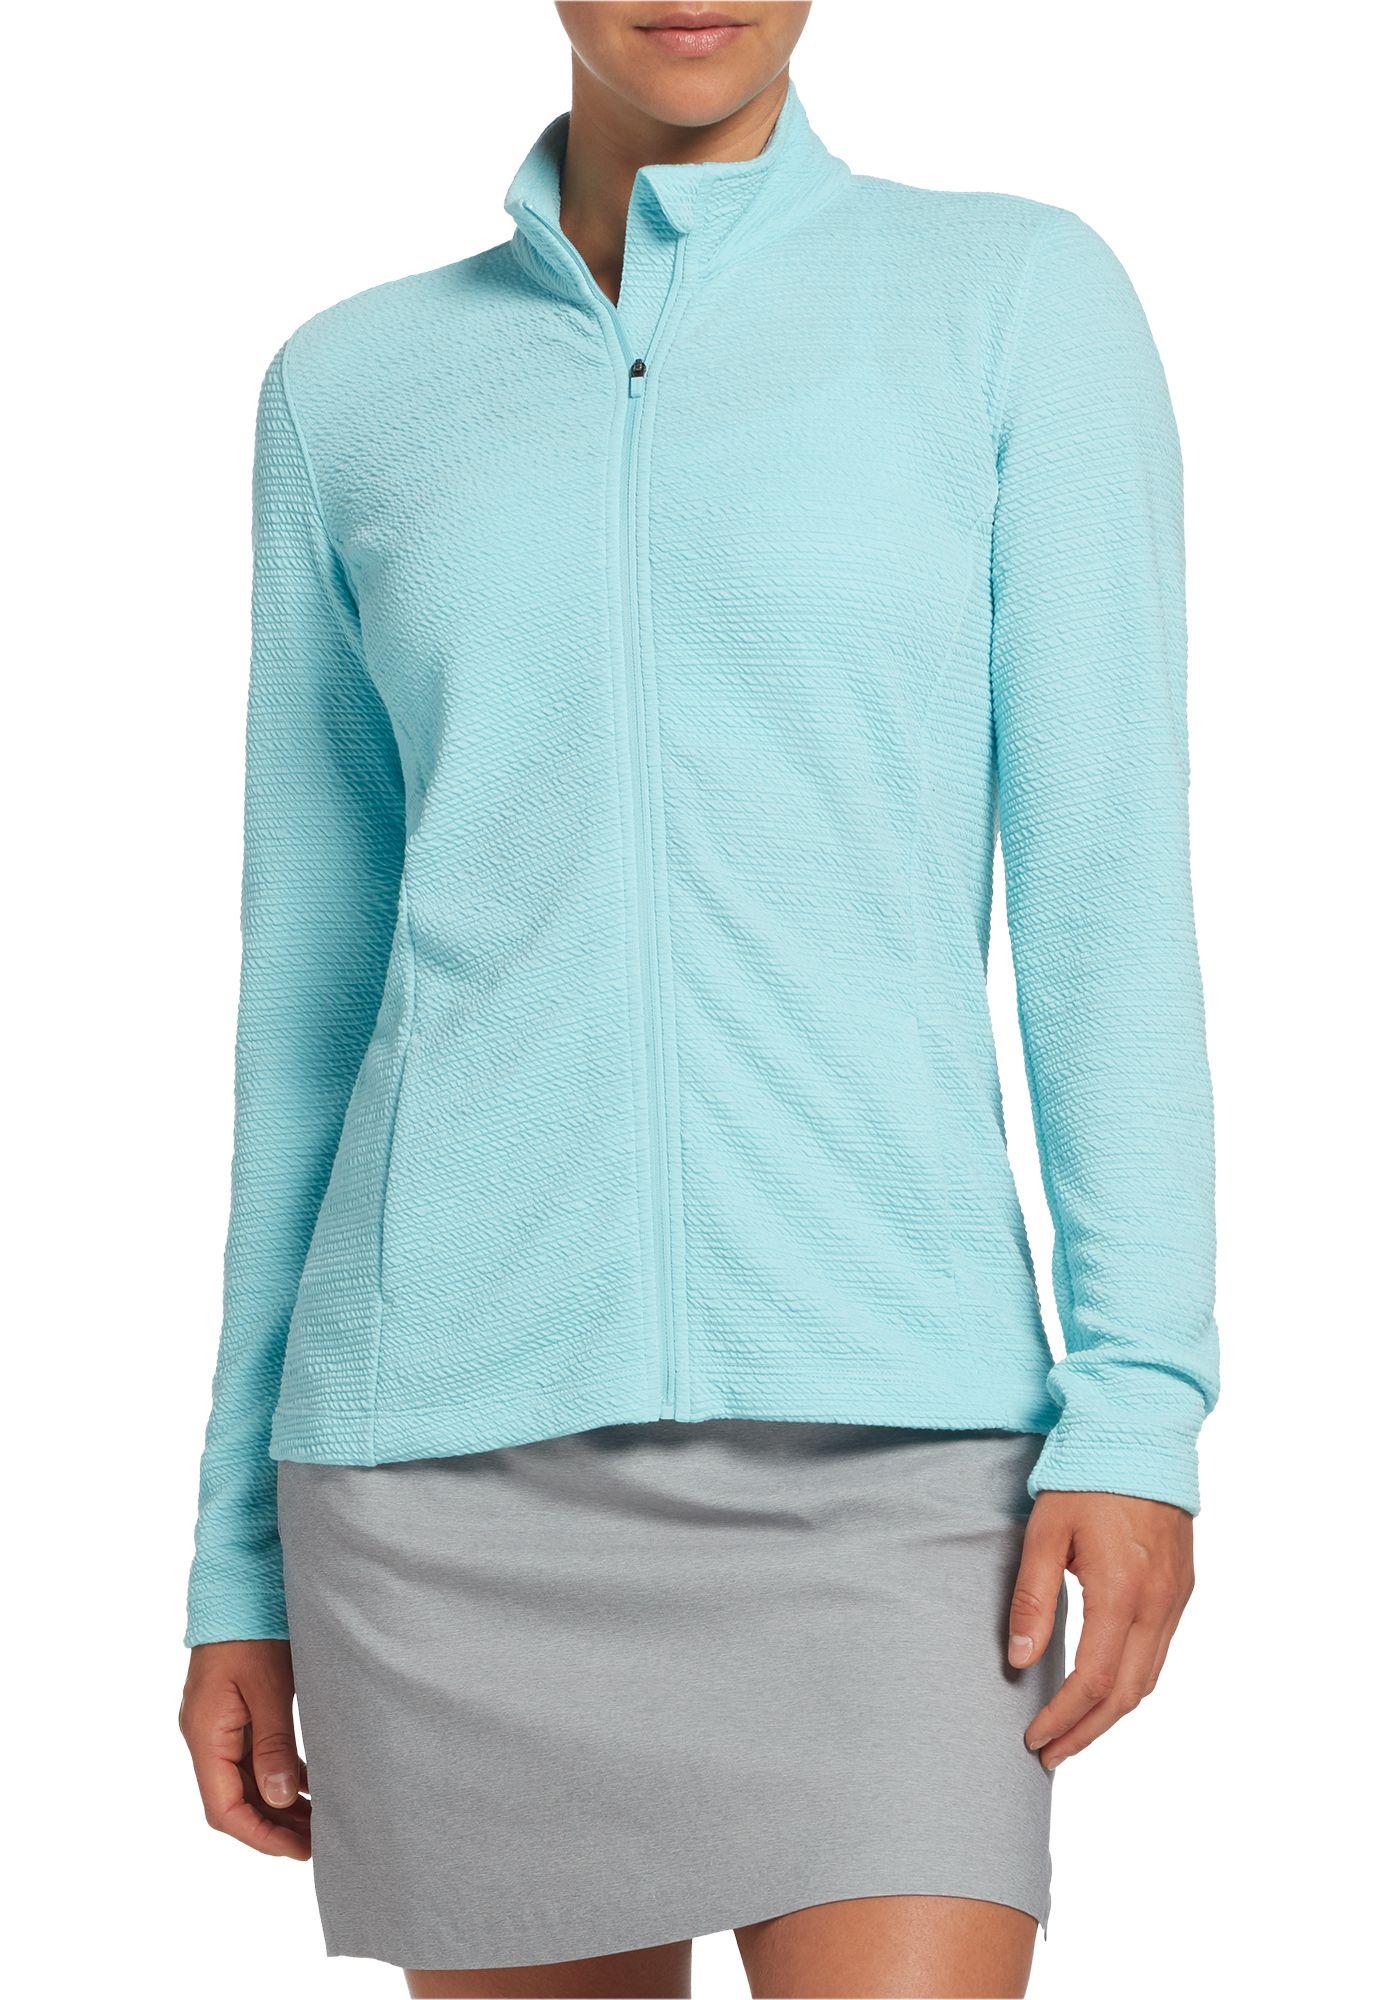 Lady Hagen Women's Key Item Full Zip Golf Jacket